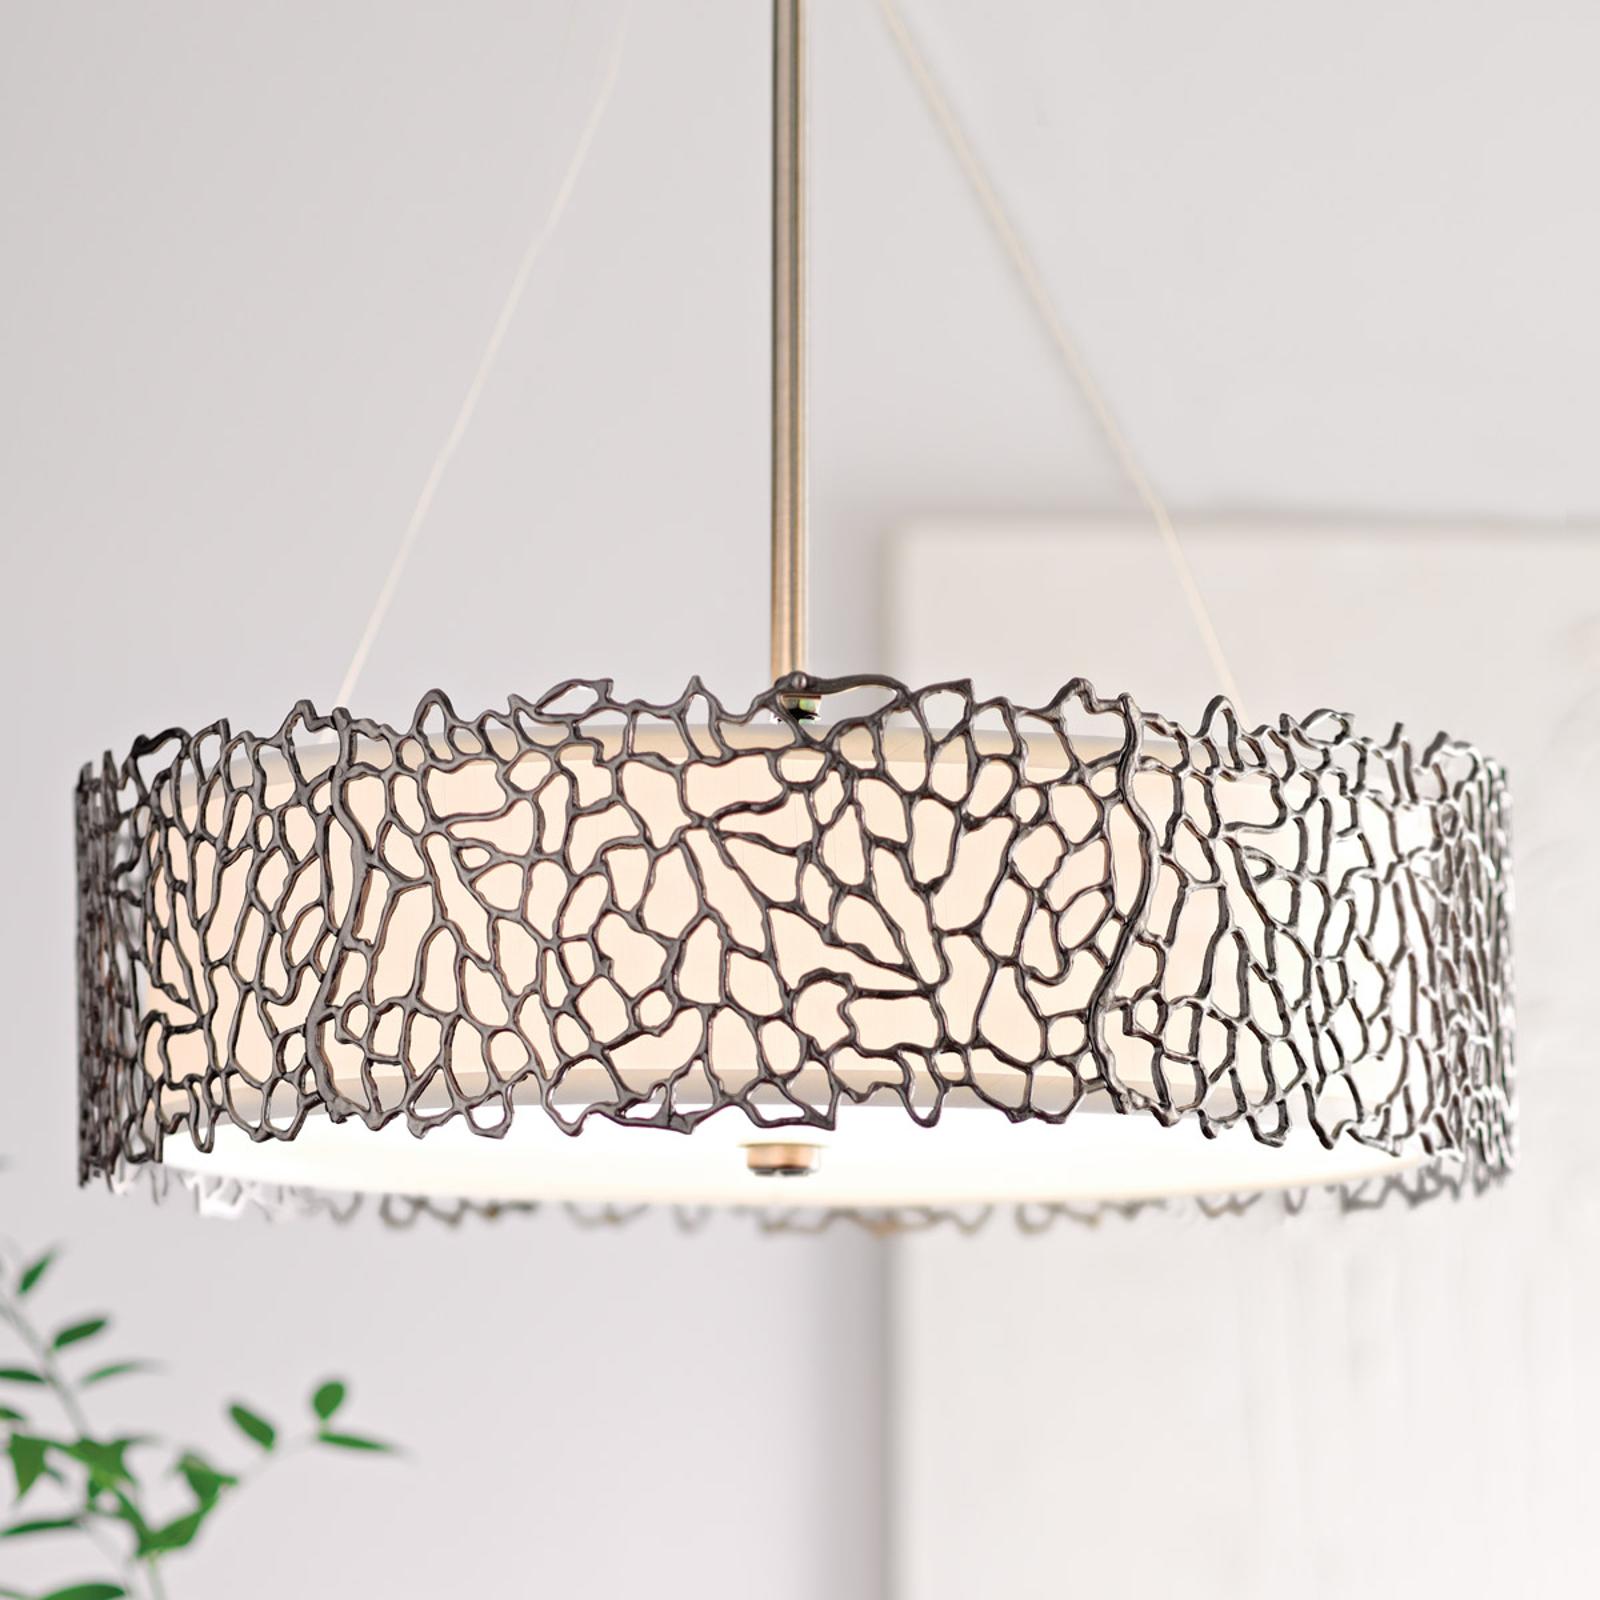 Lámpara de suspensión Silver Coral 55,9 cm